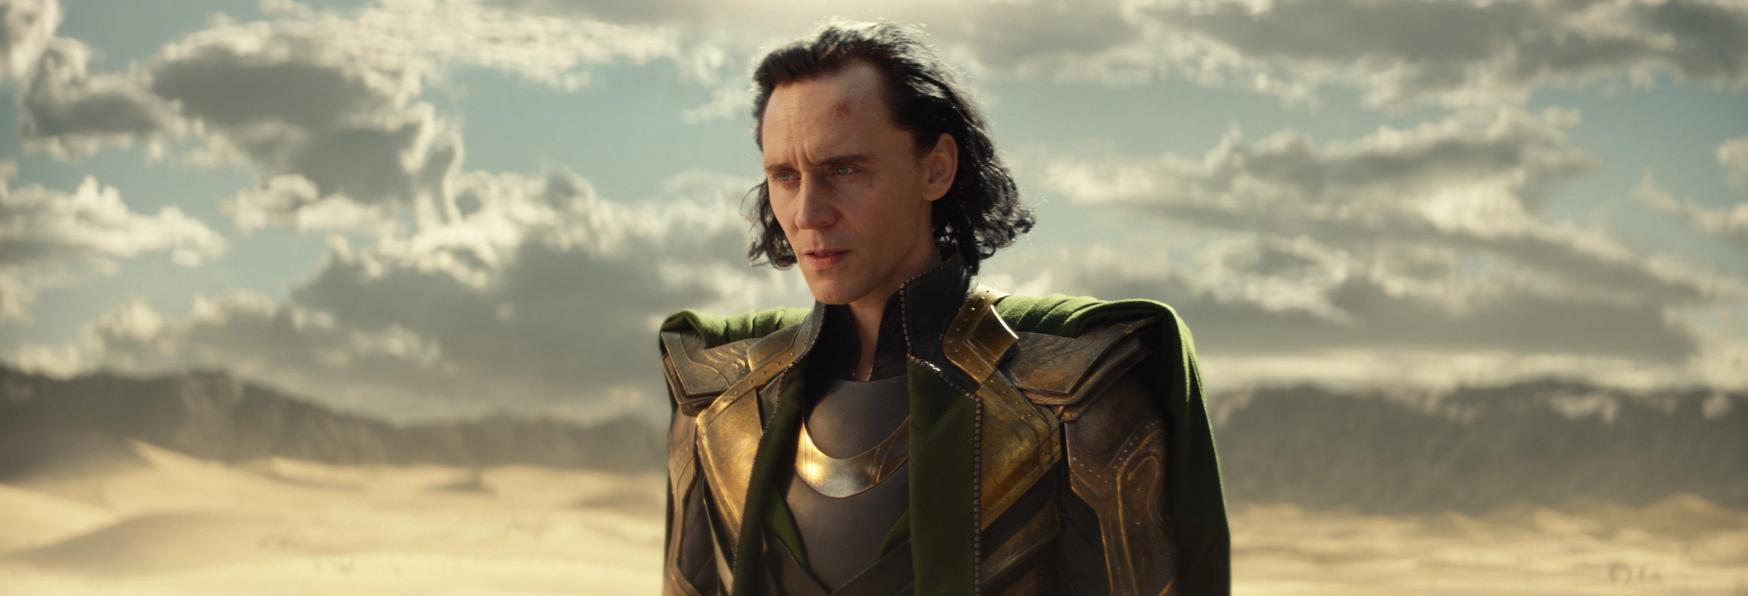 Loki 1x06: lo Scrittore della Serie TV Eric Martin smentisce il Tweet pubblicato di recente